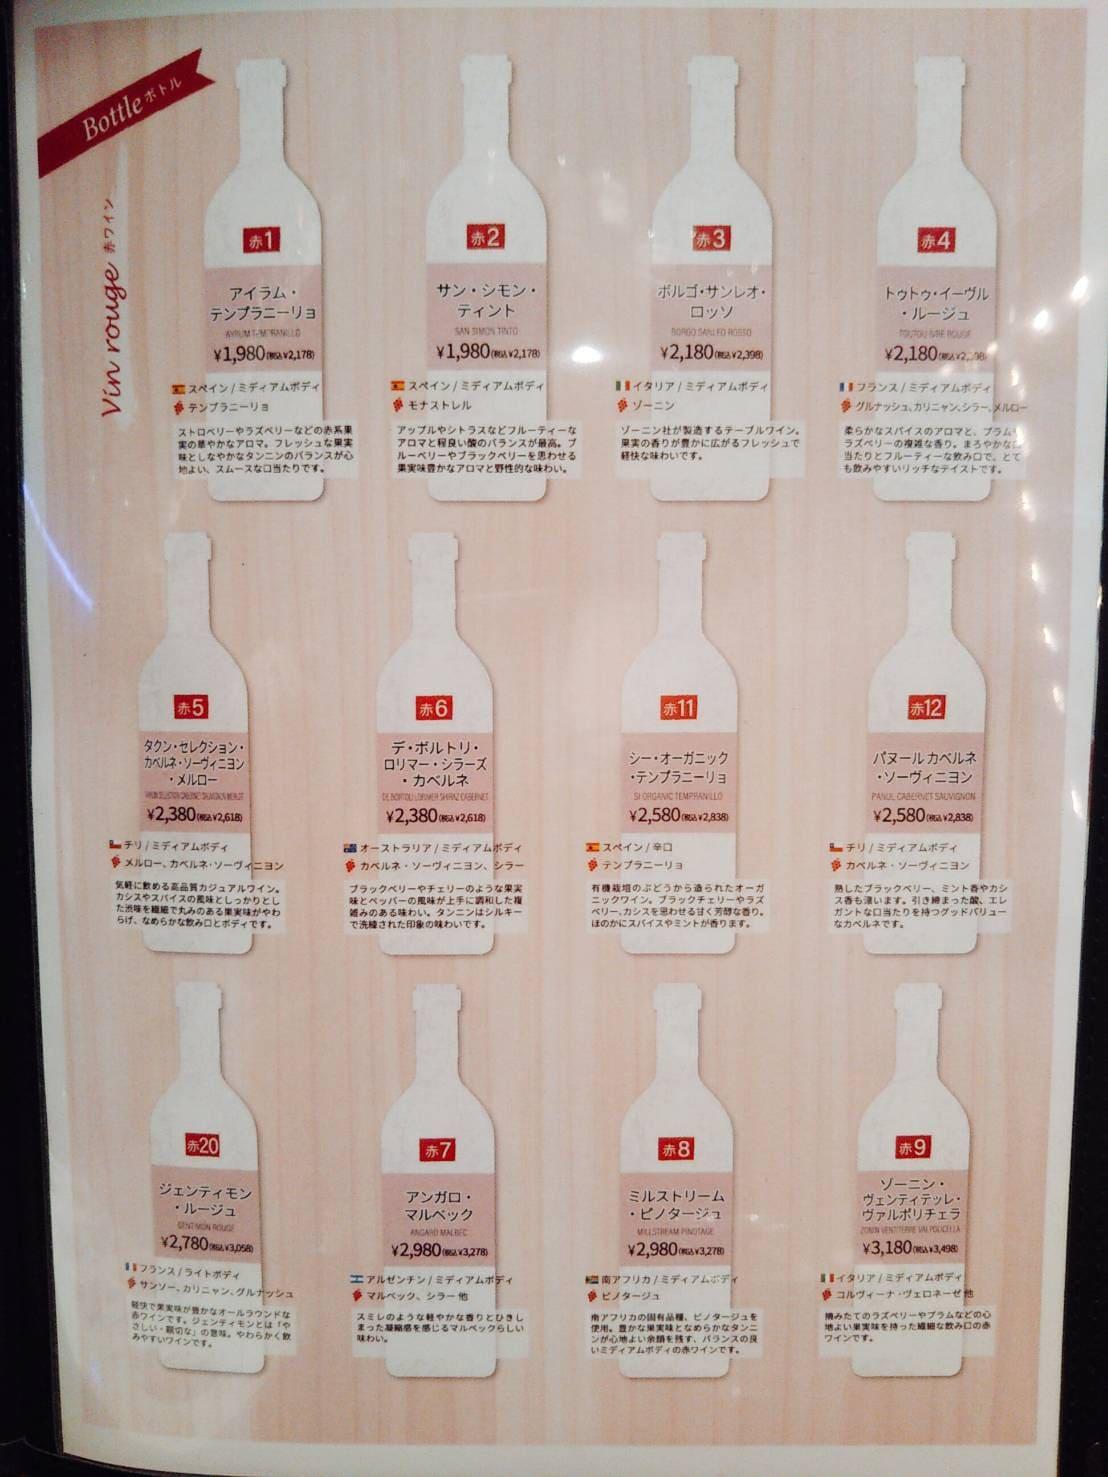 お飲み物メニュー表